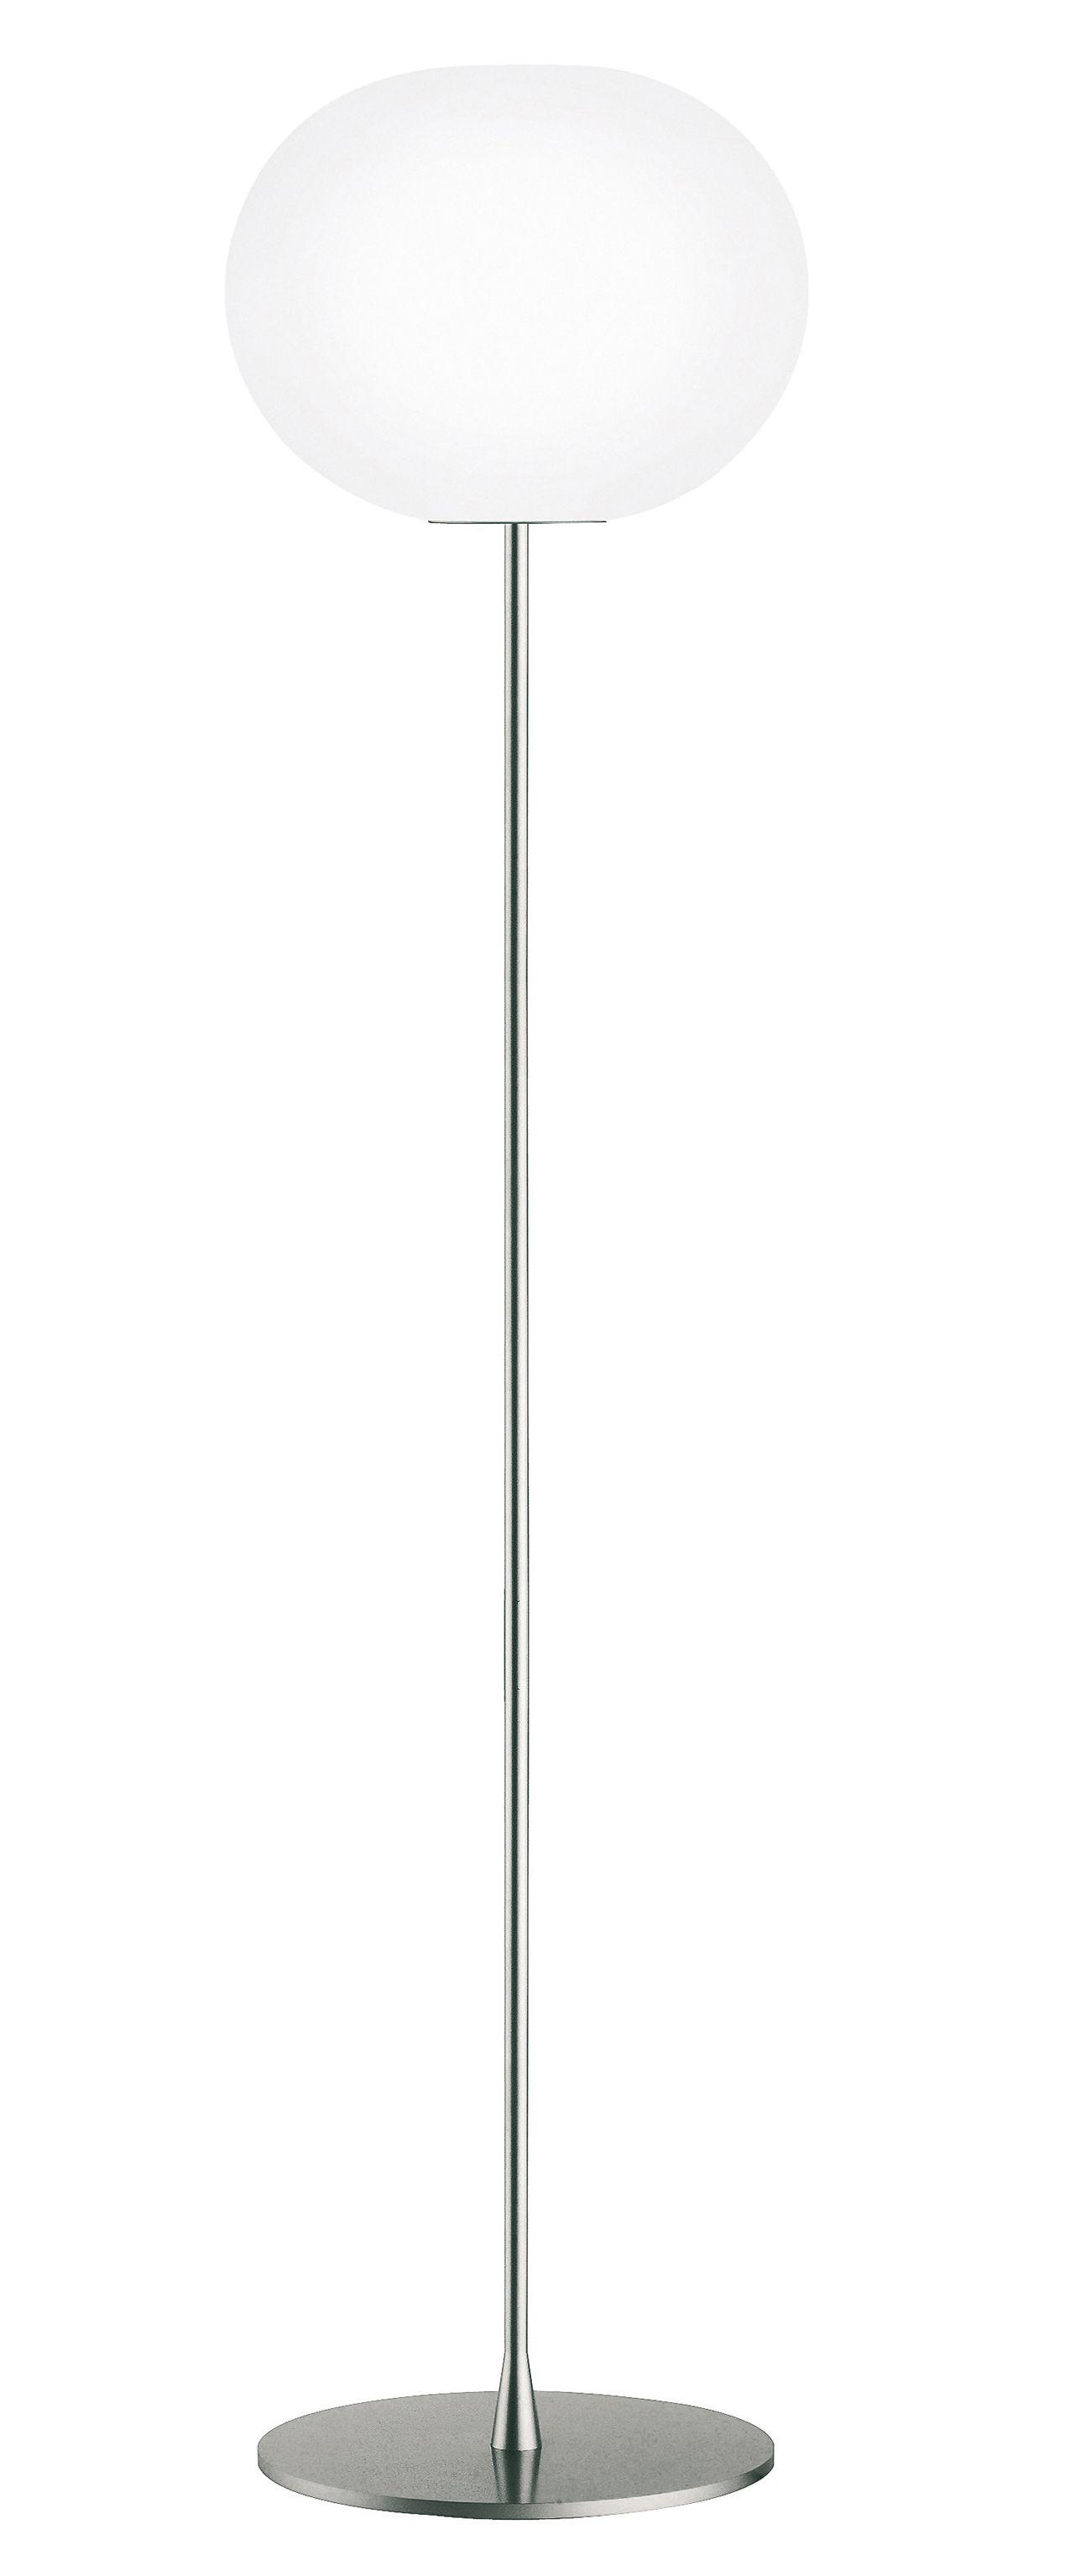 Luminaire - Lampadaires - Lampadaire Glo-Ball F3 - Flos - Gris métallisé - Verre